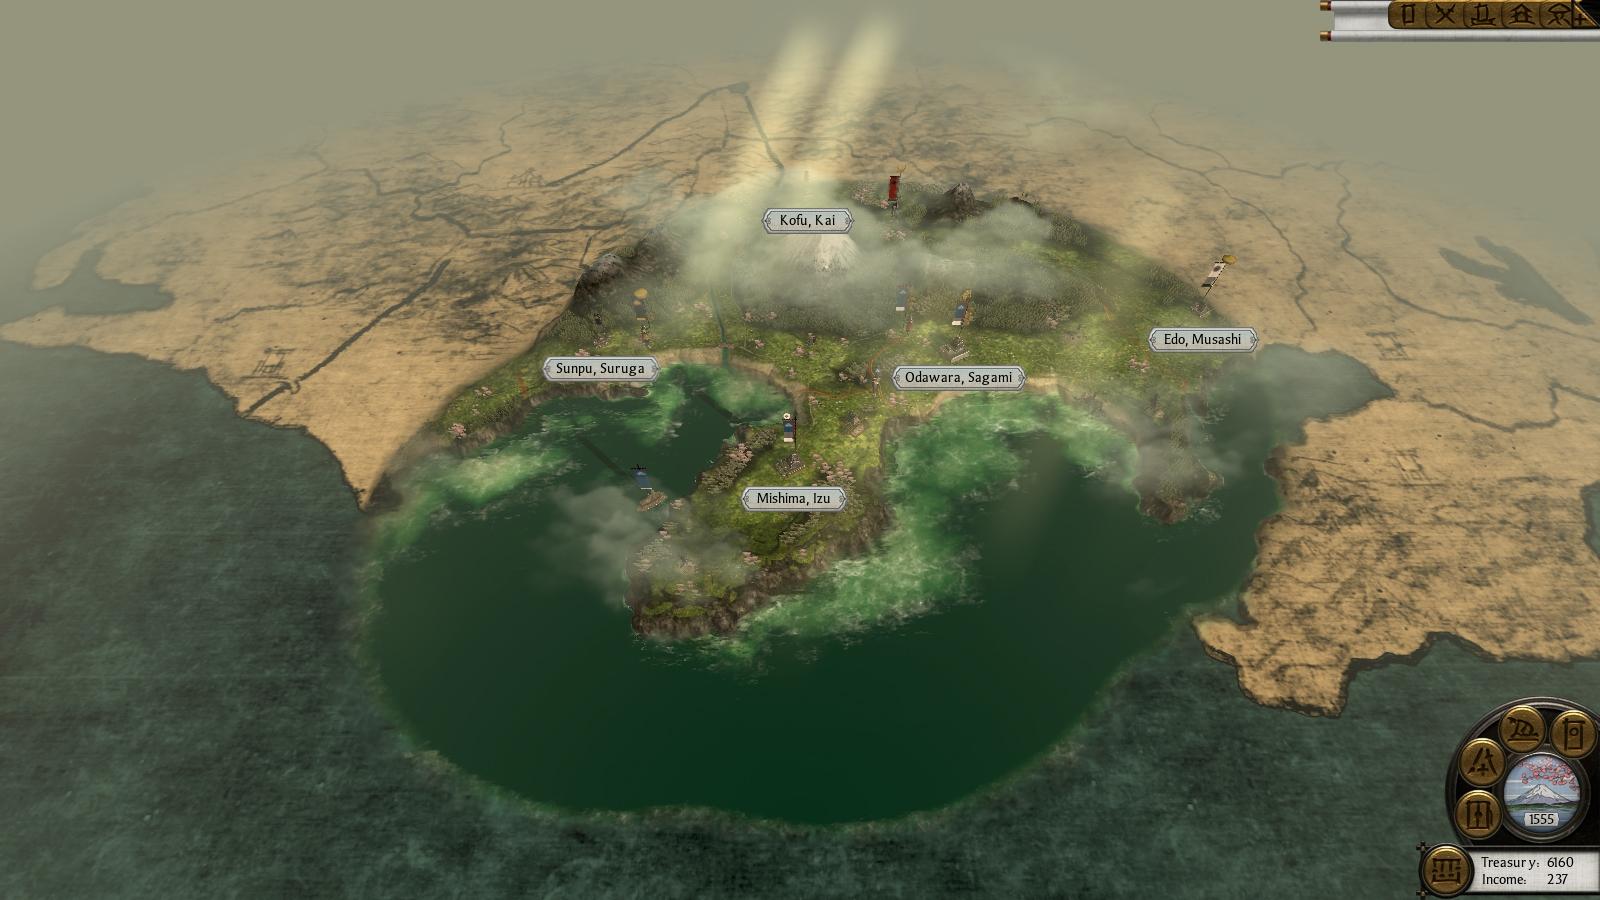 Shogun 2: Total War: nová galerie i s mapou z kampaně 15946